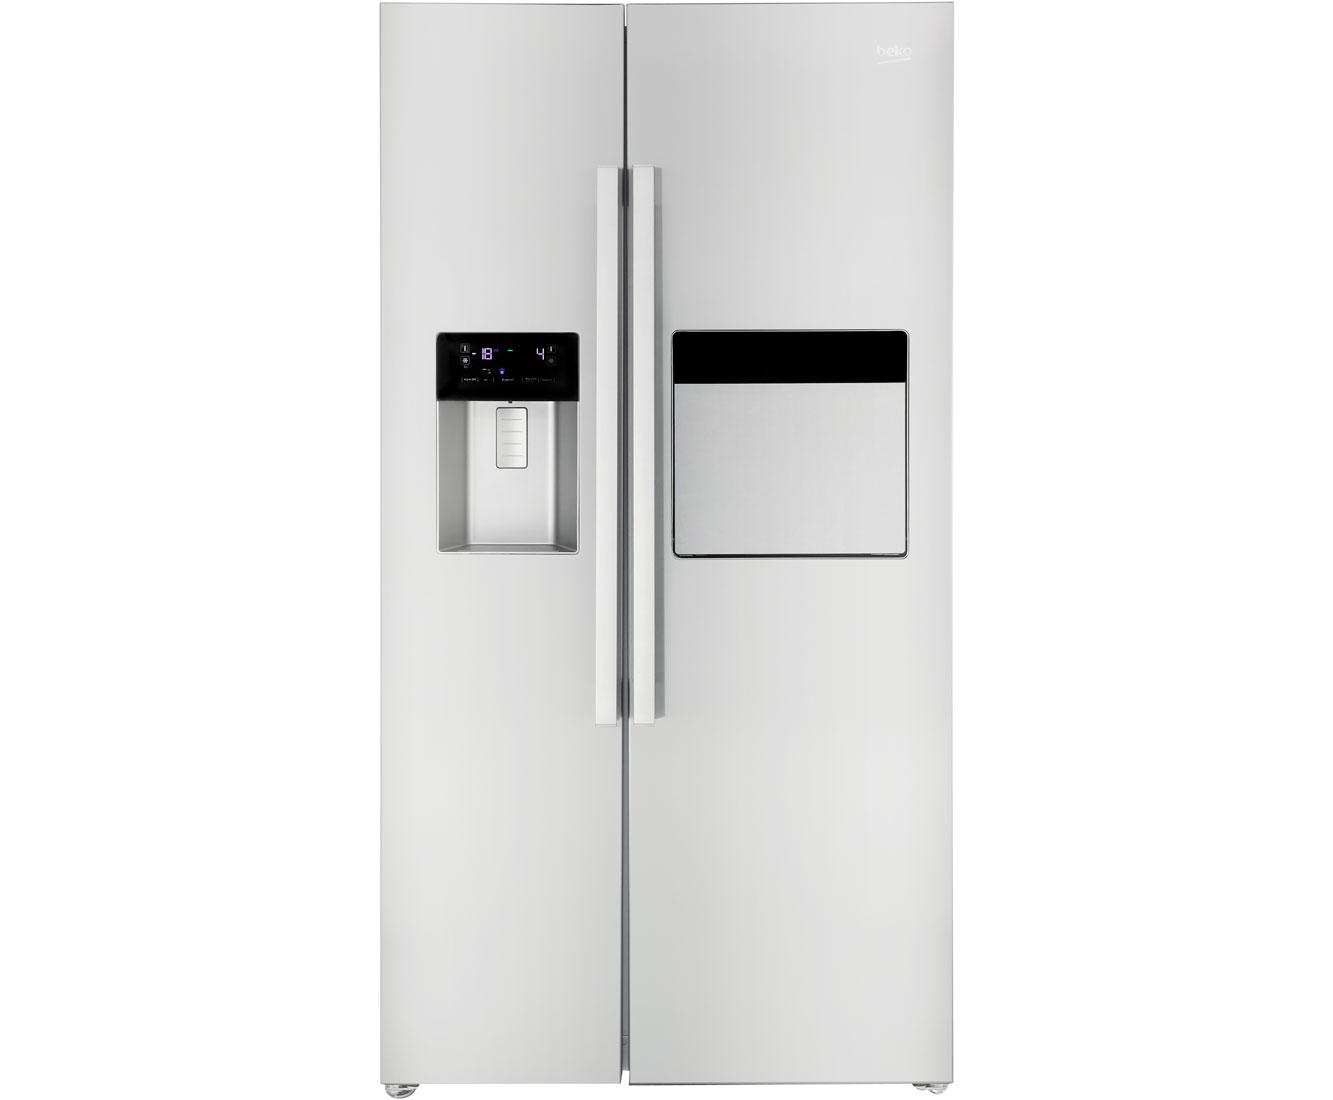 Side By Side Kühlschrank Mit Wassertank Und Barfach : Side by side kühlschrank mit wassertank und barfach side by side